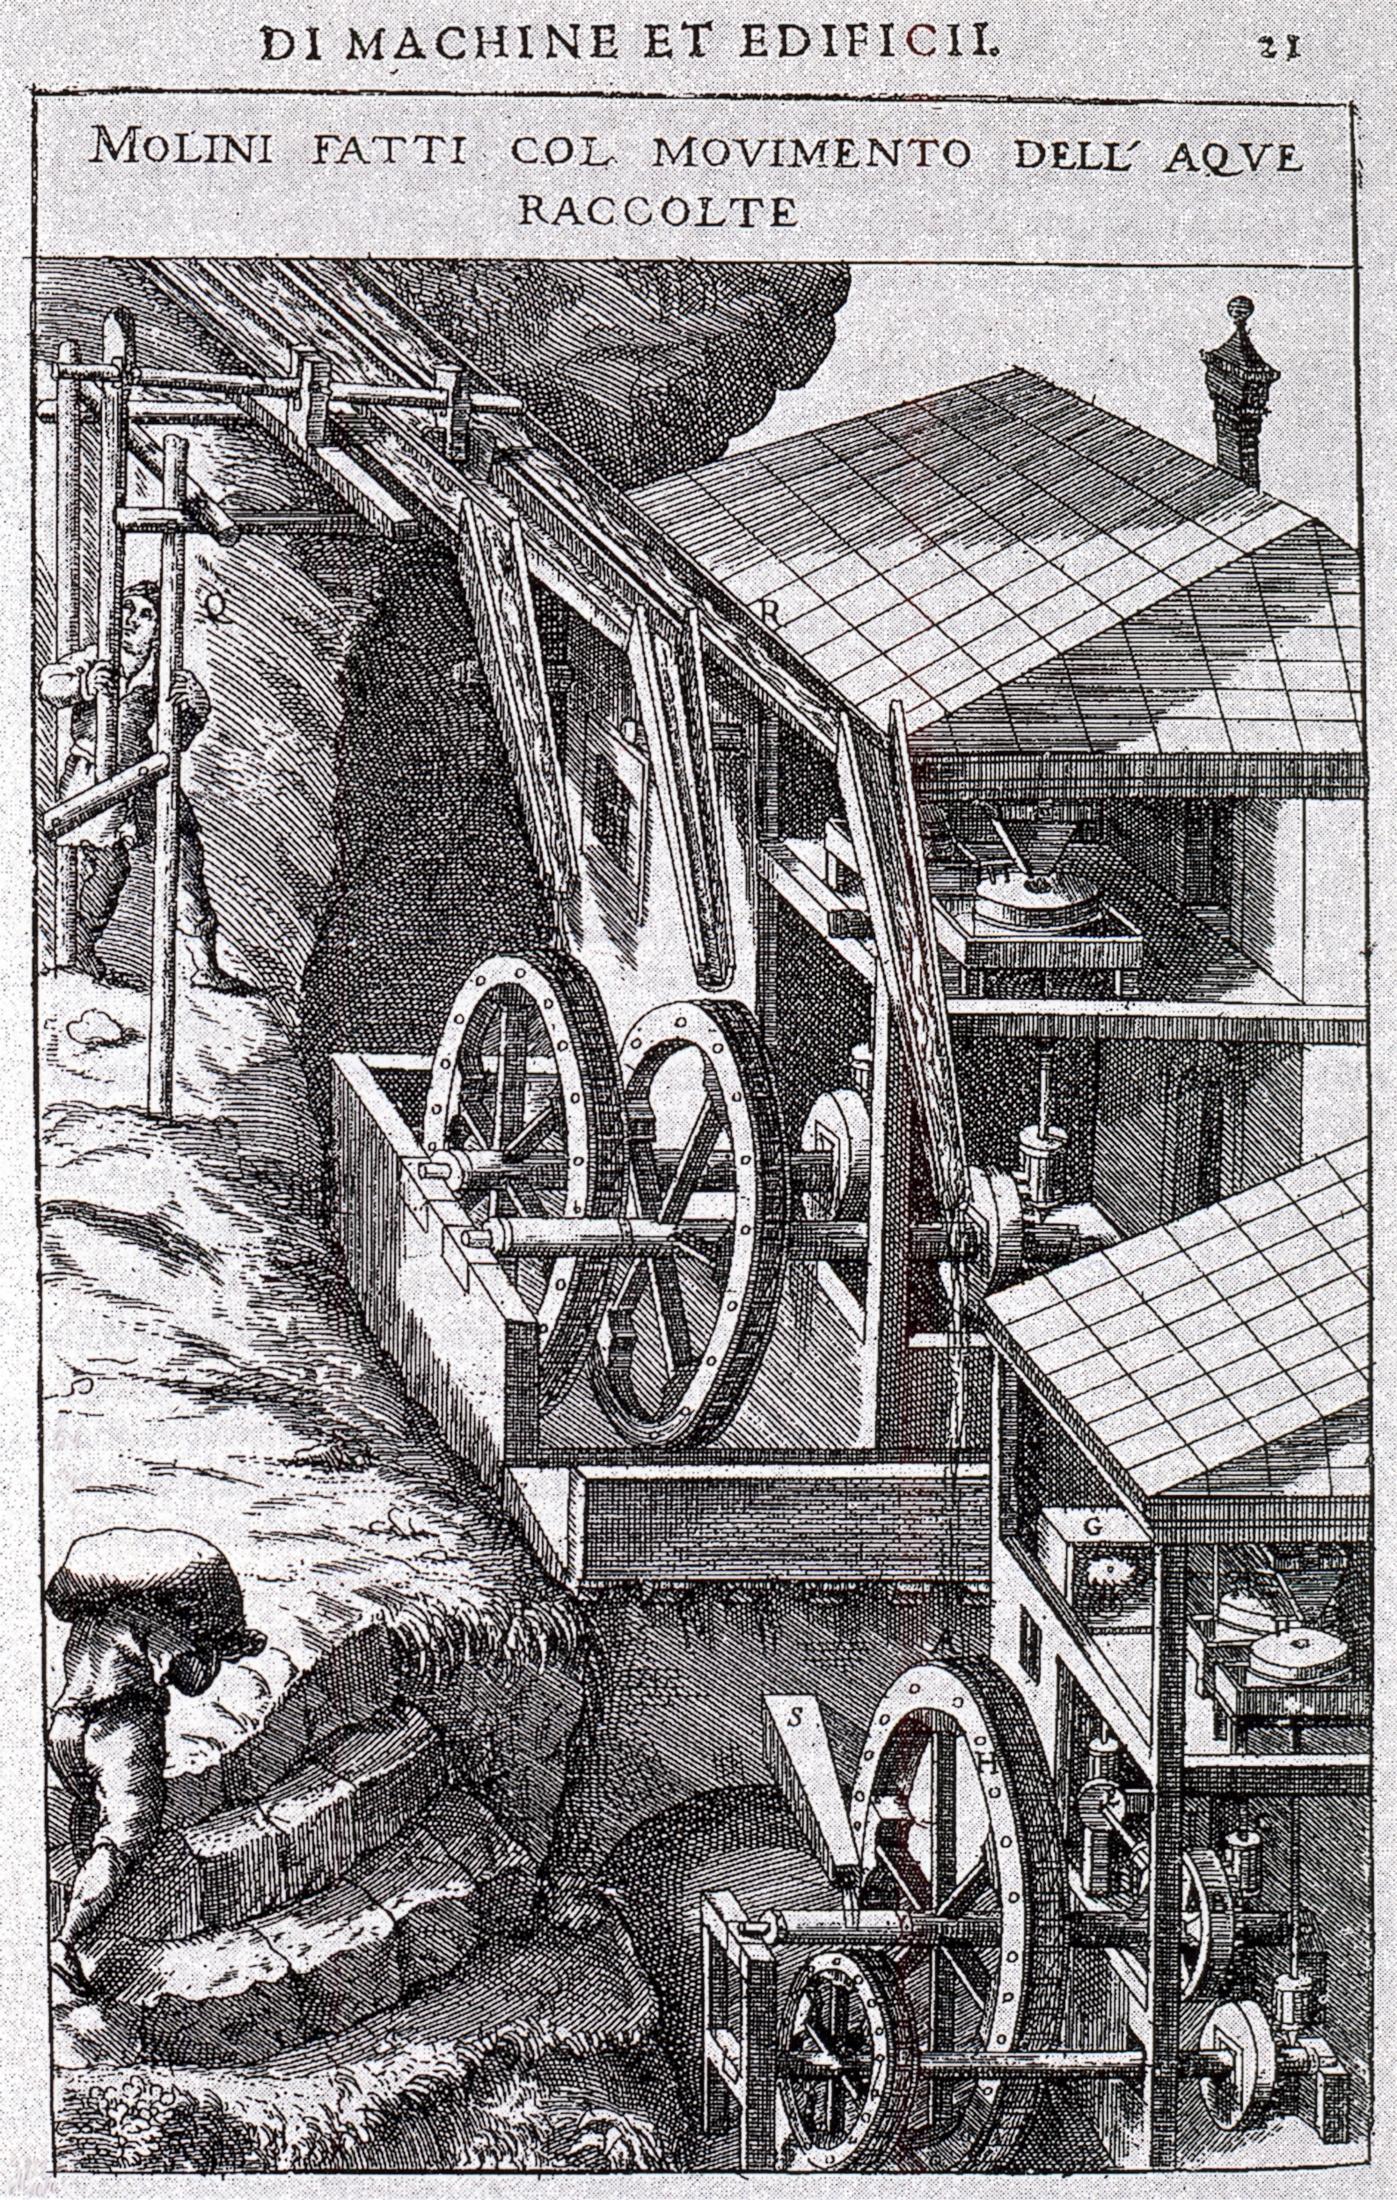 Un'immagine efficace del mulino a coppedello dei Colli Euganei.